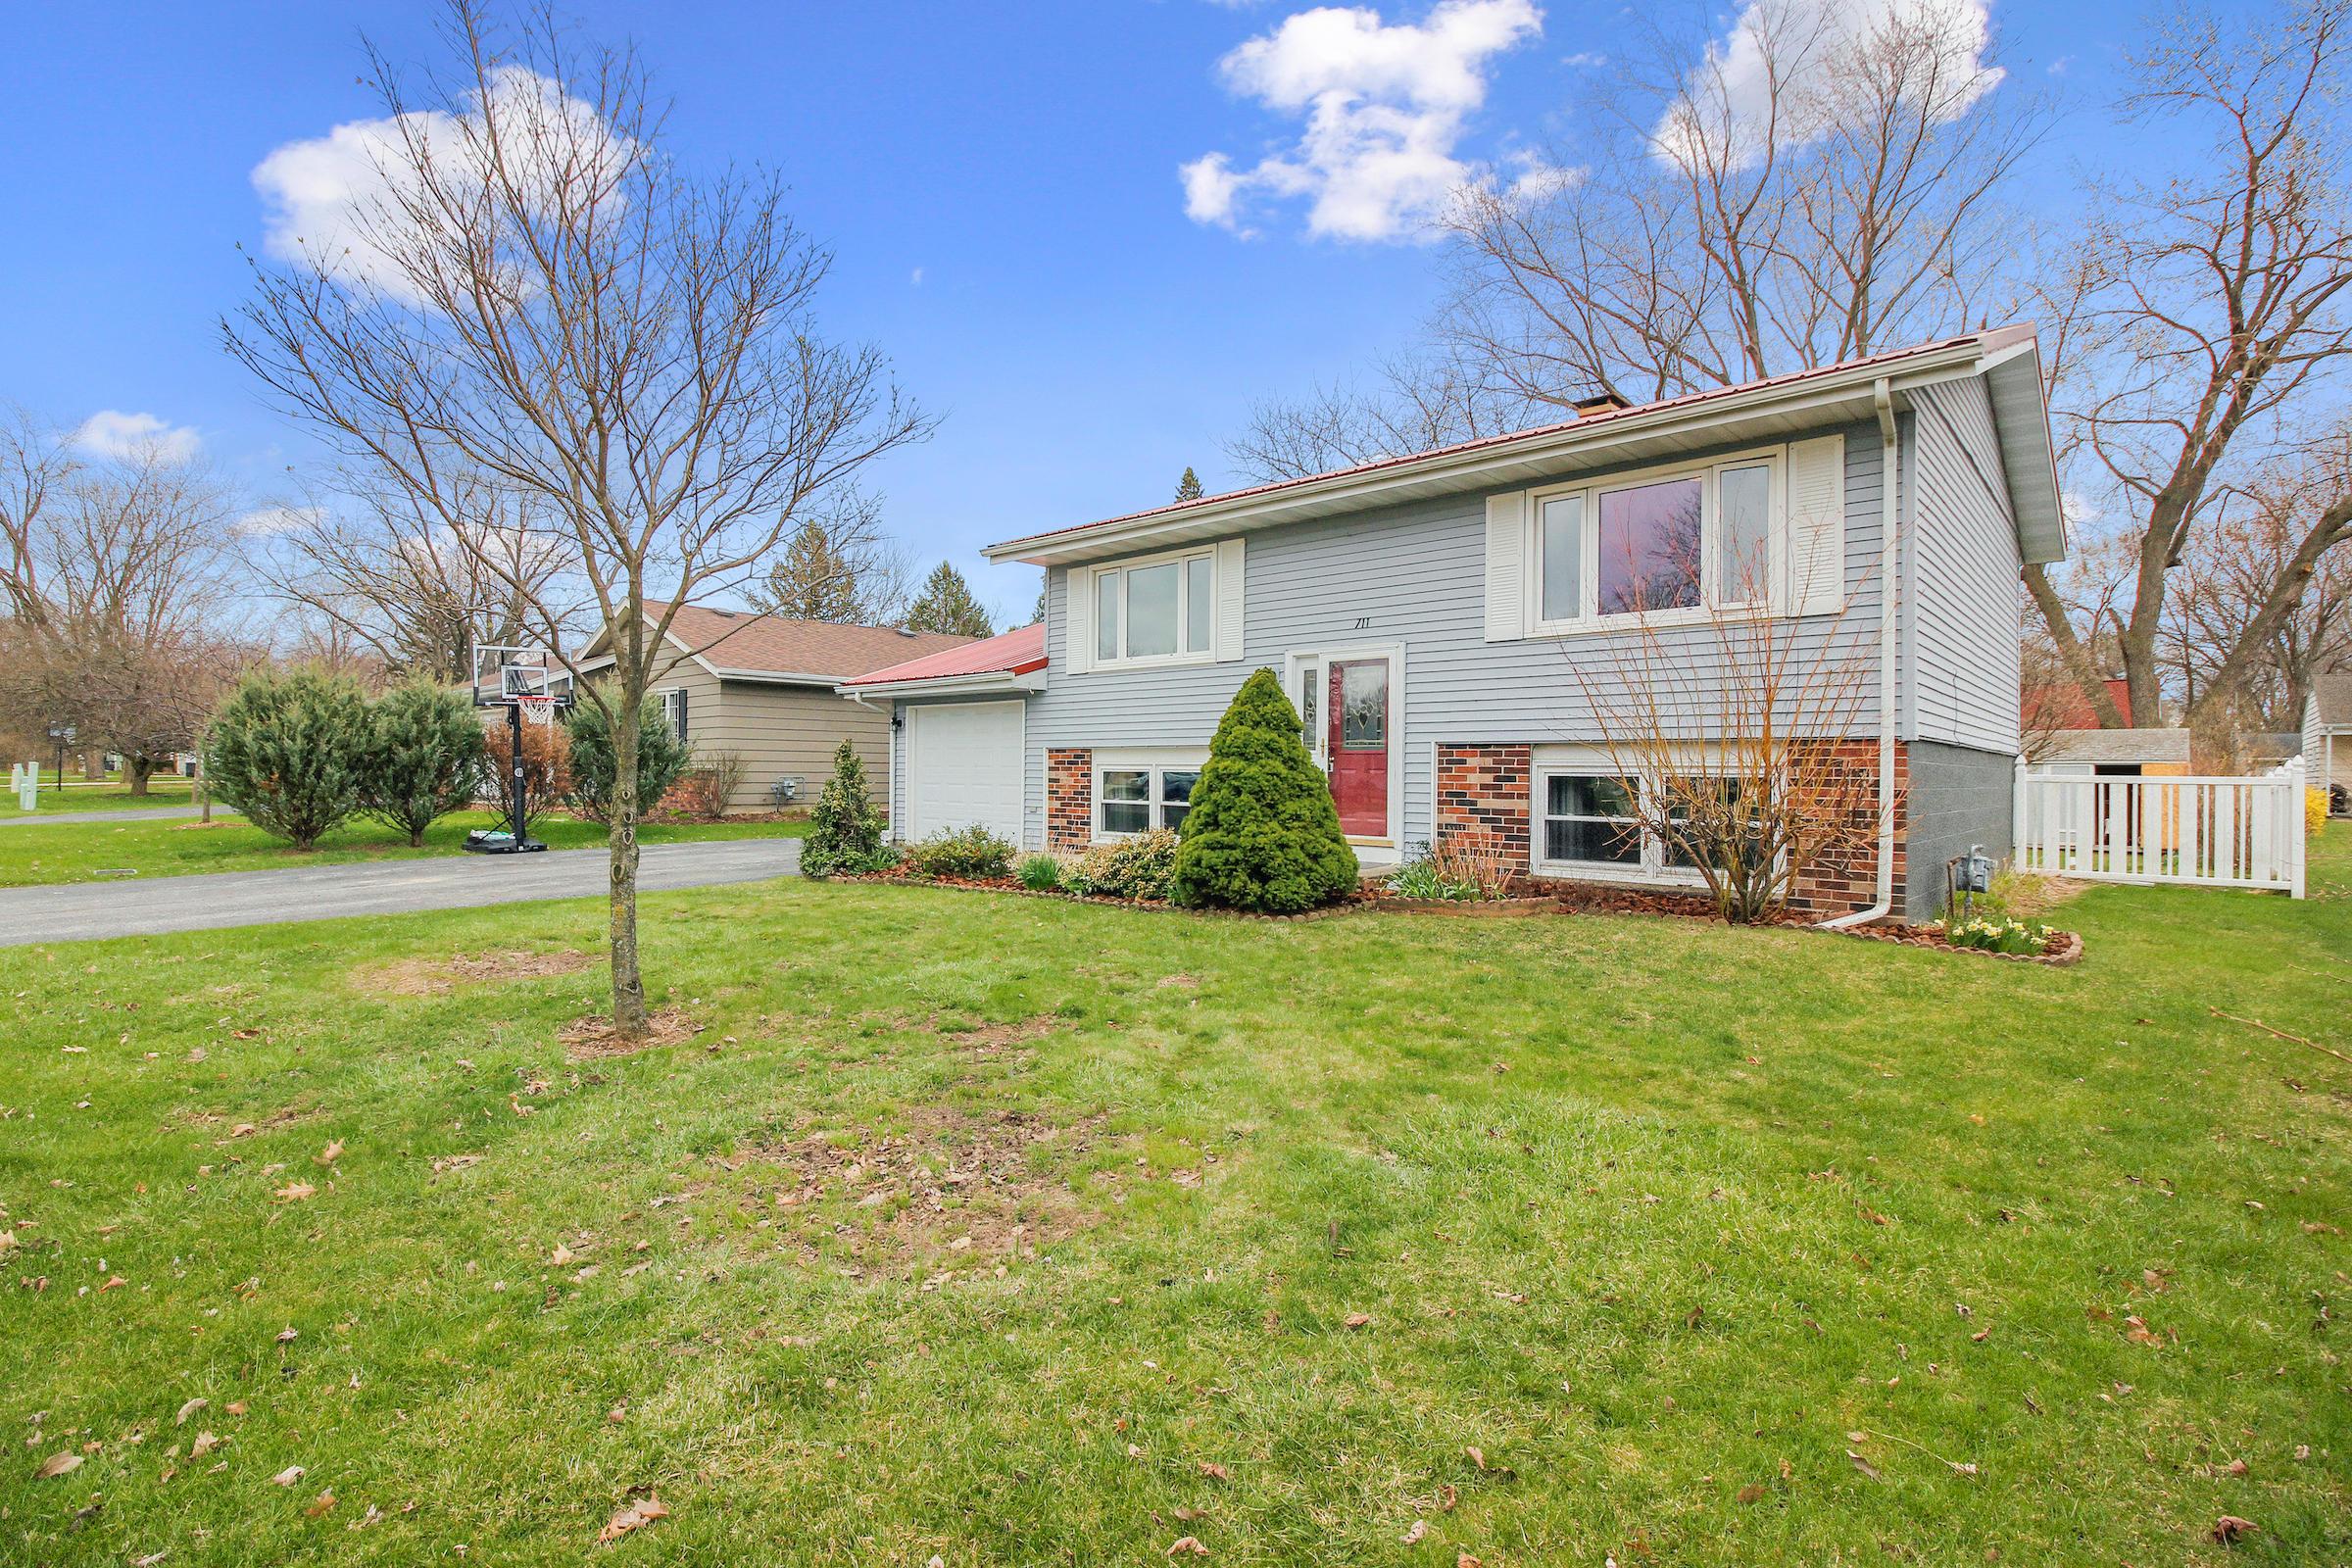 711 Harvard St, Oconomowoc, Wisconsin 53066, 4 Bedrooms Bedrooms, 8 Rooms Rooms,2 BathroomsBathrooms,Single-Family,For Sale,Harvard St,1685378